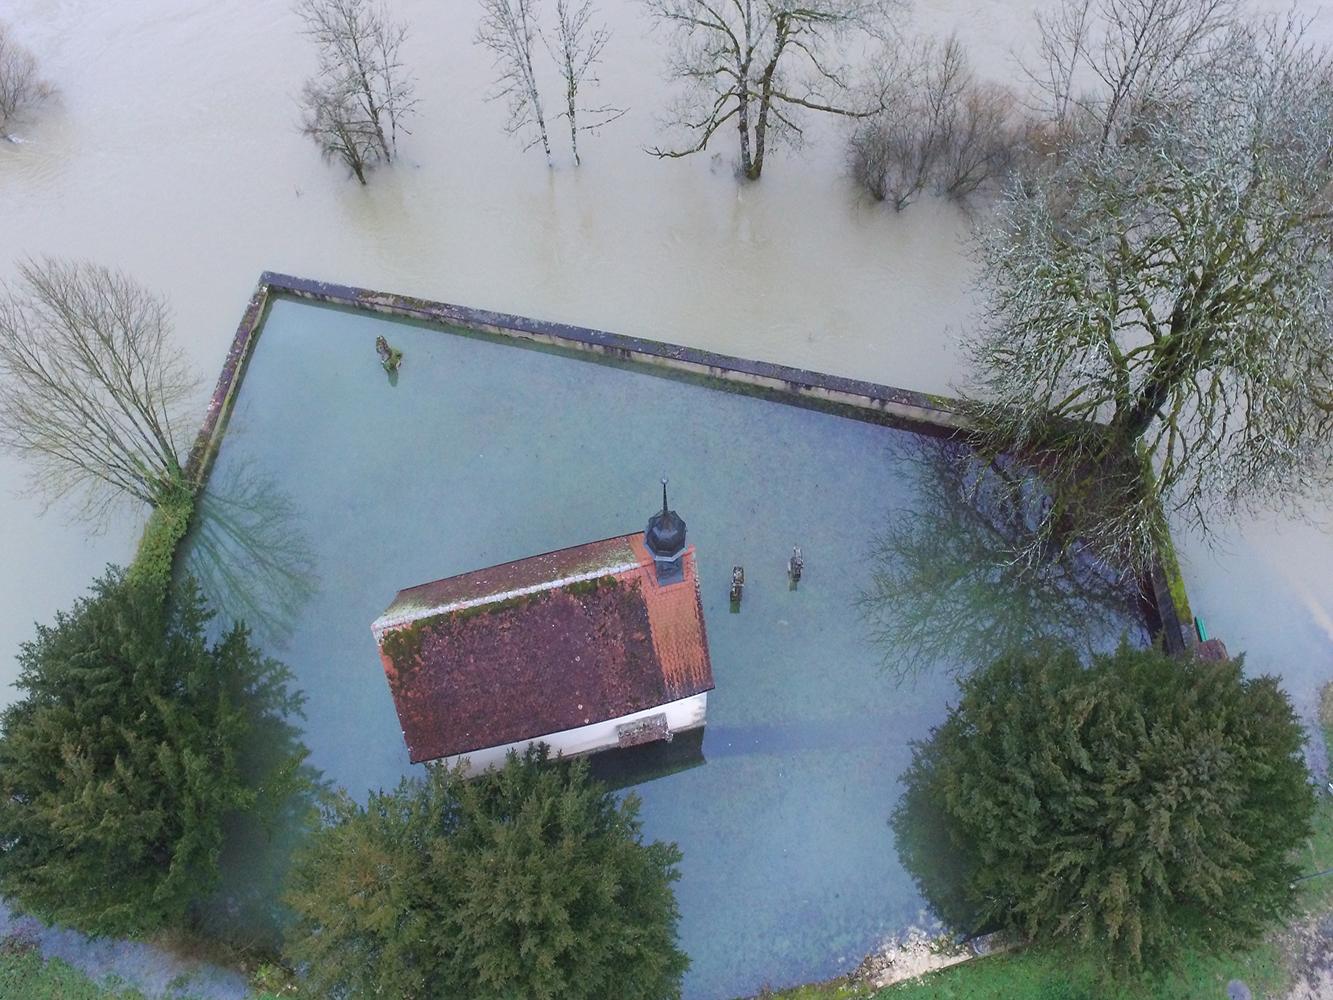 Als Folge von Starkniederschlägen überschwemmte der Doubs im Januar 2018 auch eine Kirche in La Lomène bei Sainte-Ursanne.  (Bild: Mobiliar Lab für Naturrisiken / Multirotors Team)